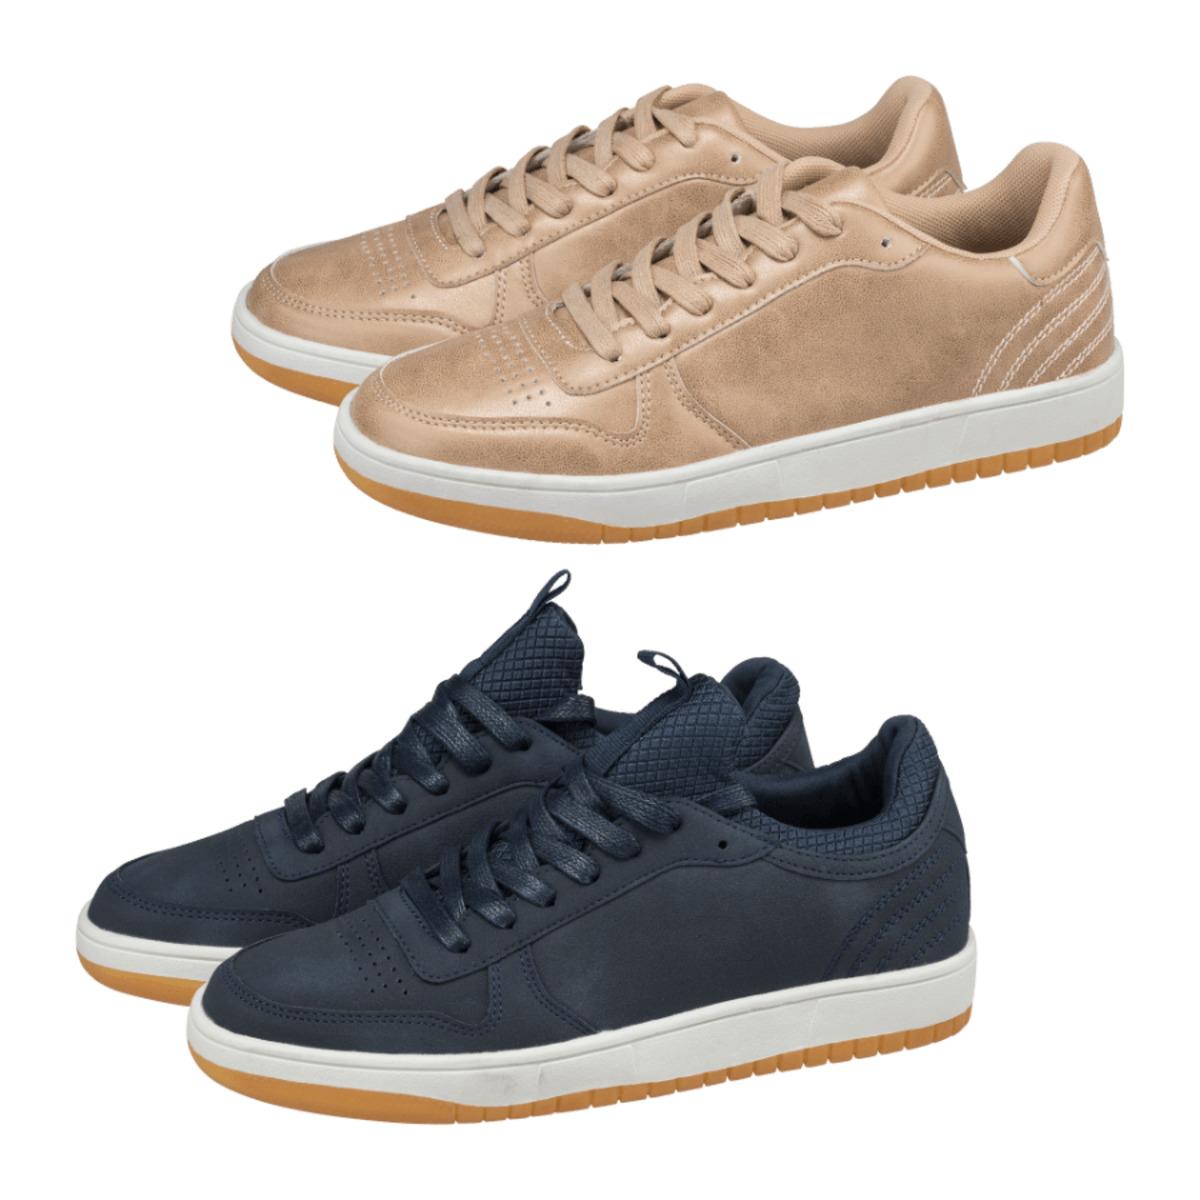 Bild 1 von WALKX     Fashion Sneaker